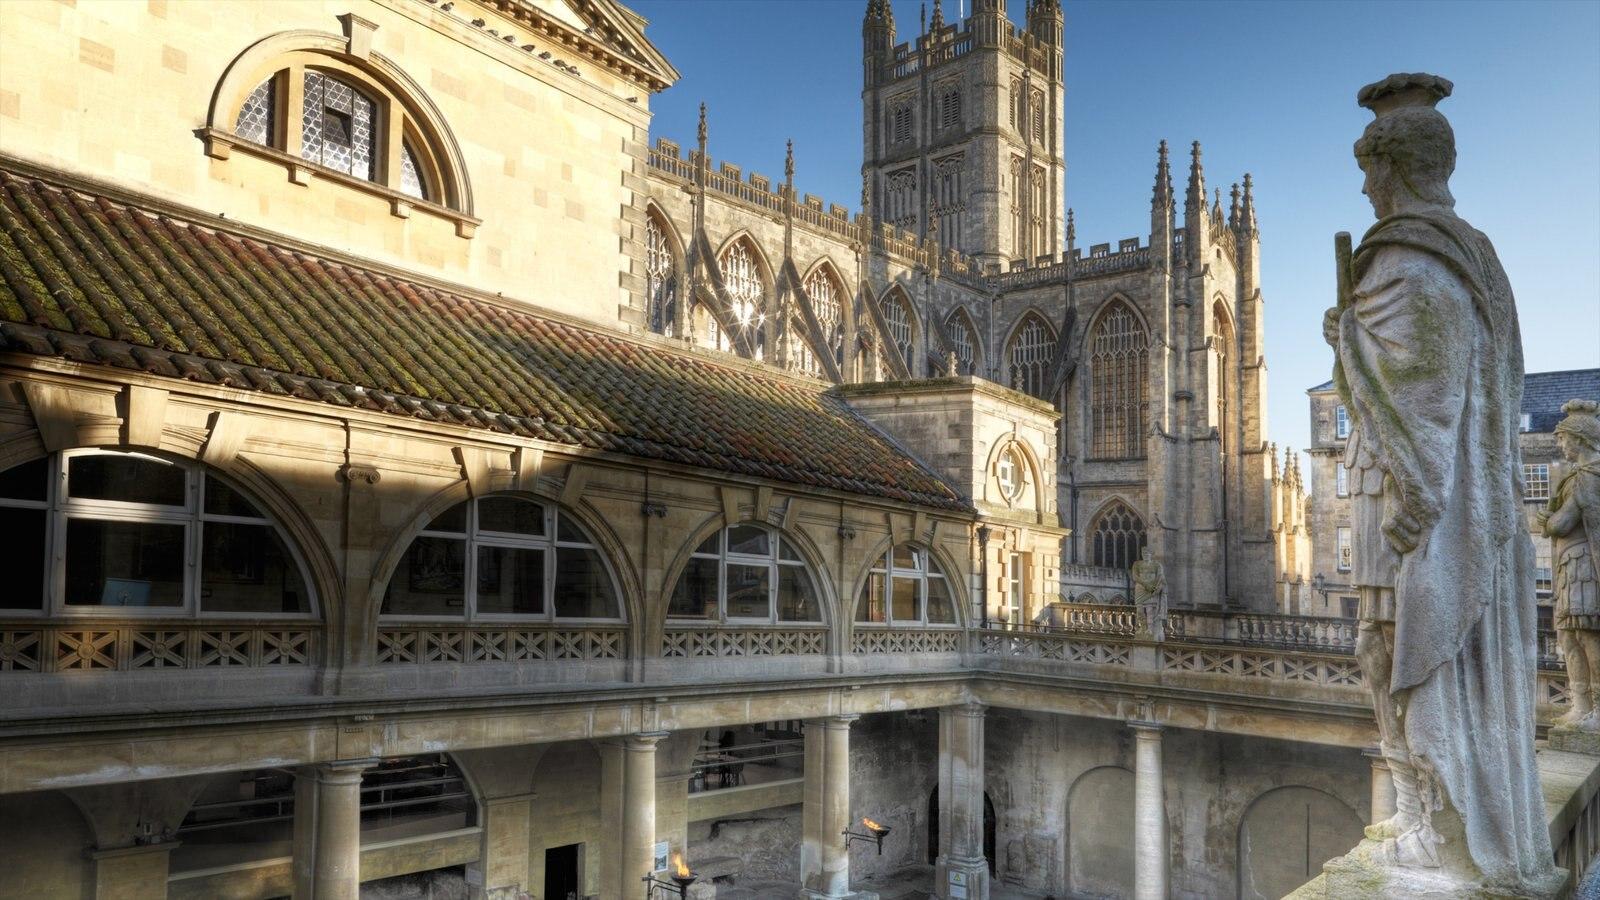 Banhos romanos que inclui elementos de patrimônio, arquitetura de patrimônio e uma estátua ou escultura